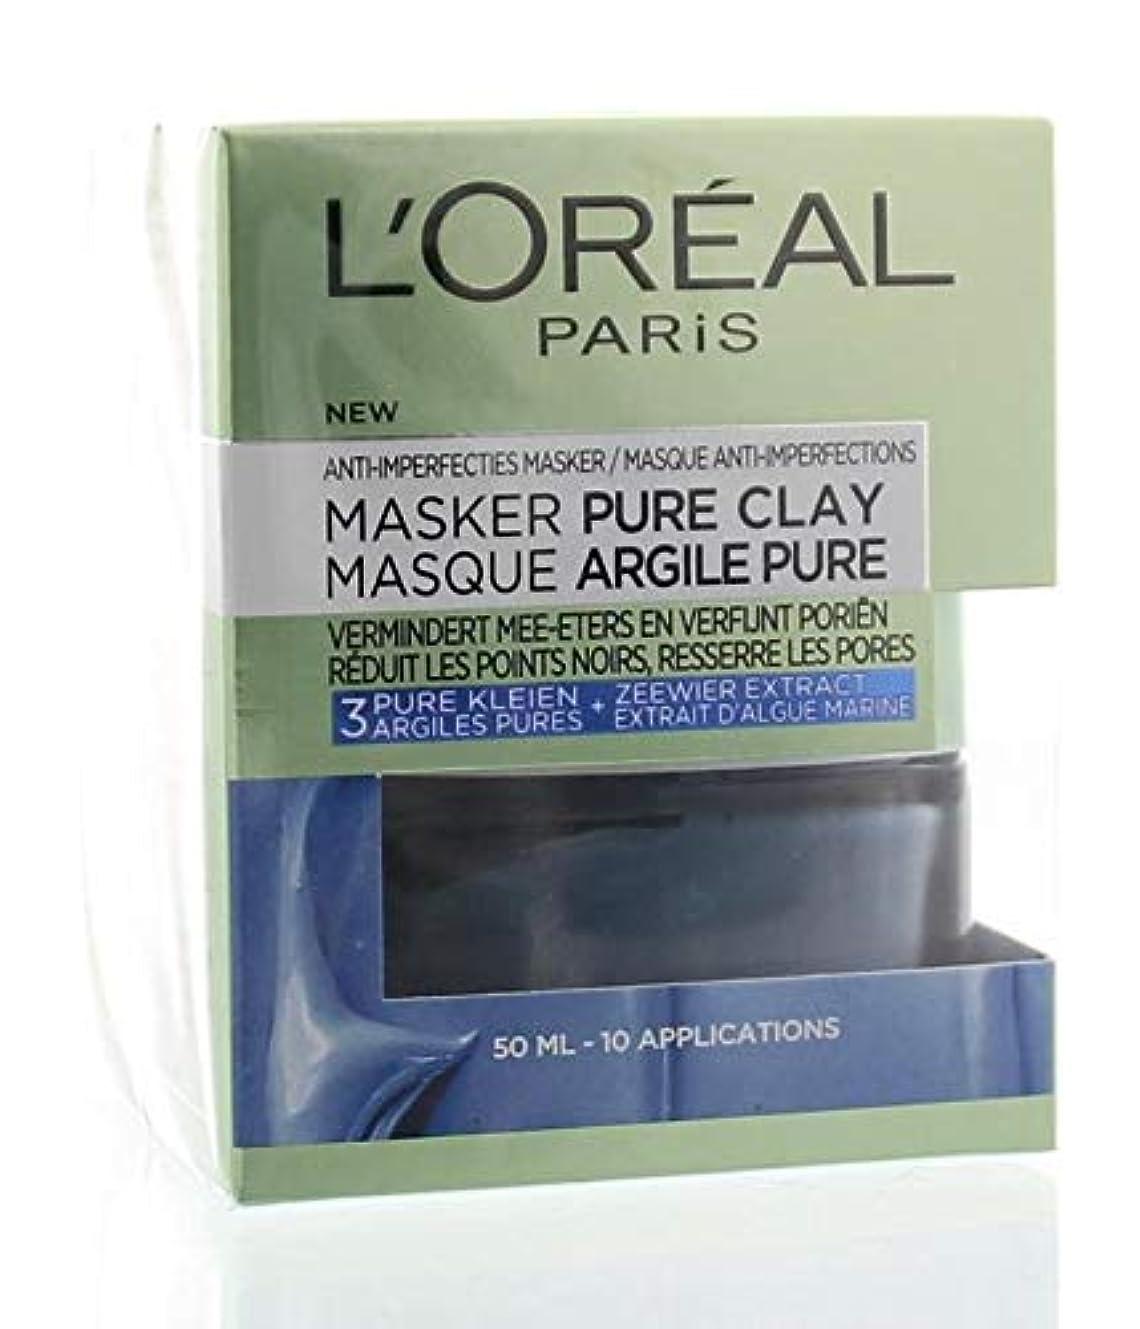 実験的癒す品種ロレアル Pure Clay Mask - Anti-Imperfections Mask 50ml/1.7oz並行輸入品